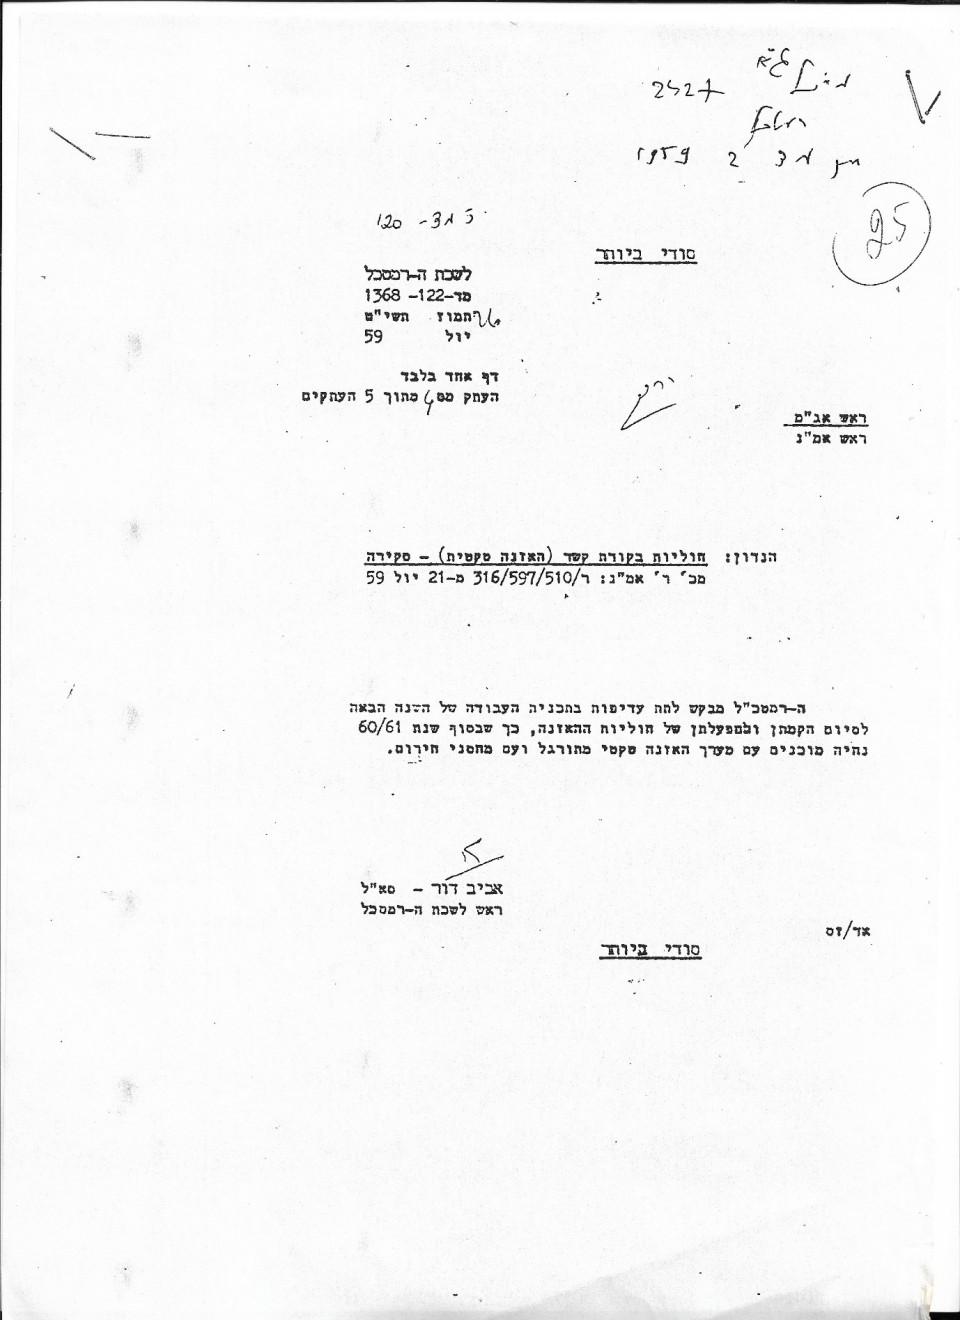 מכתב על הנחית הרמטכ